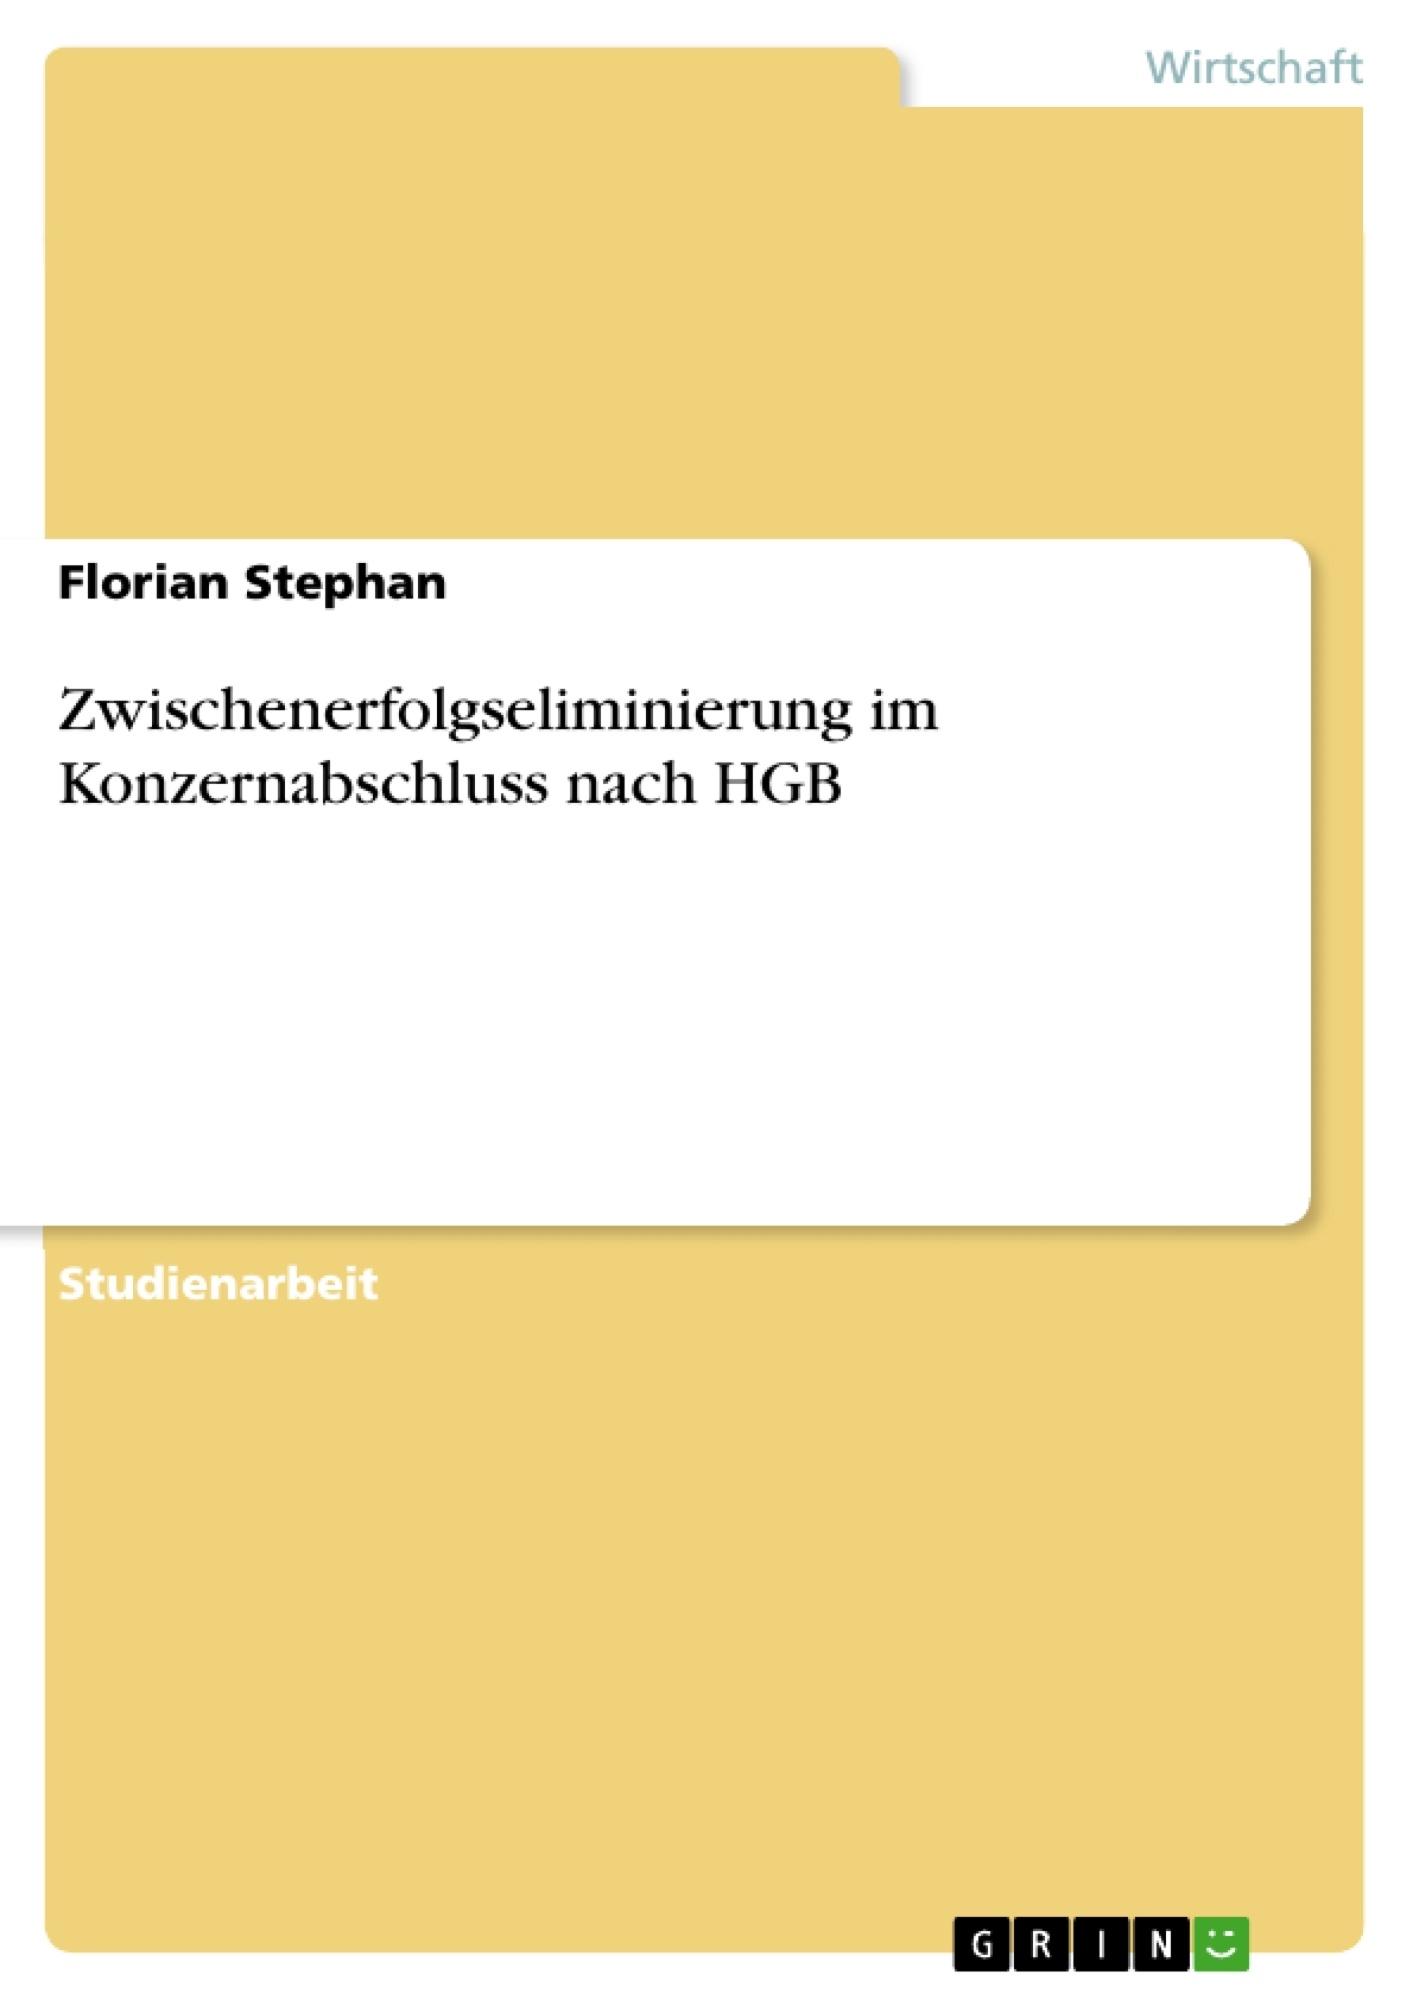 Titel: Zwischenerfolgseliminierung im Konzernabschluss nach HGB